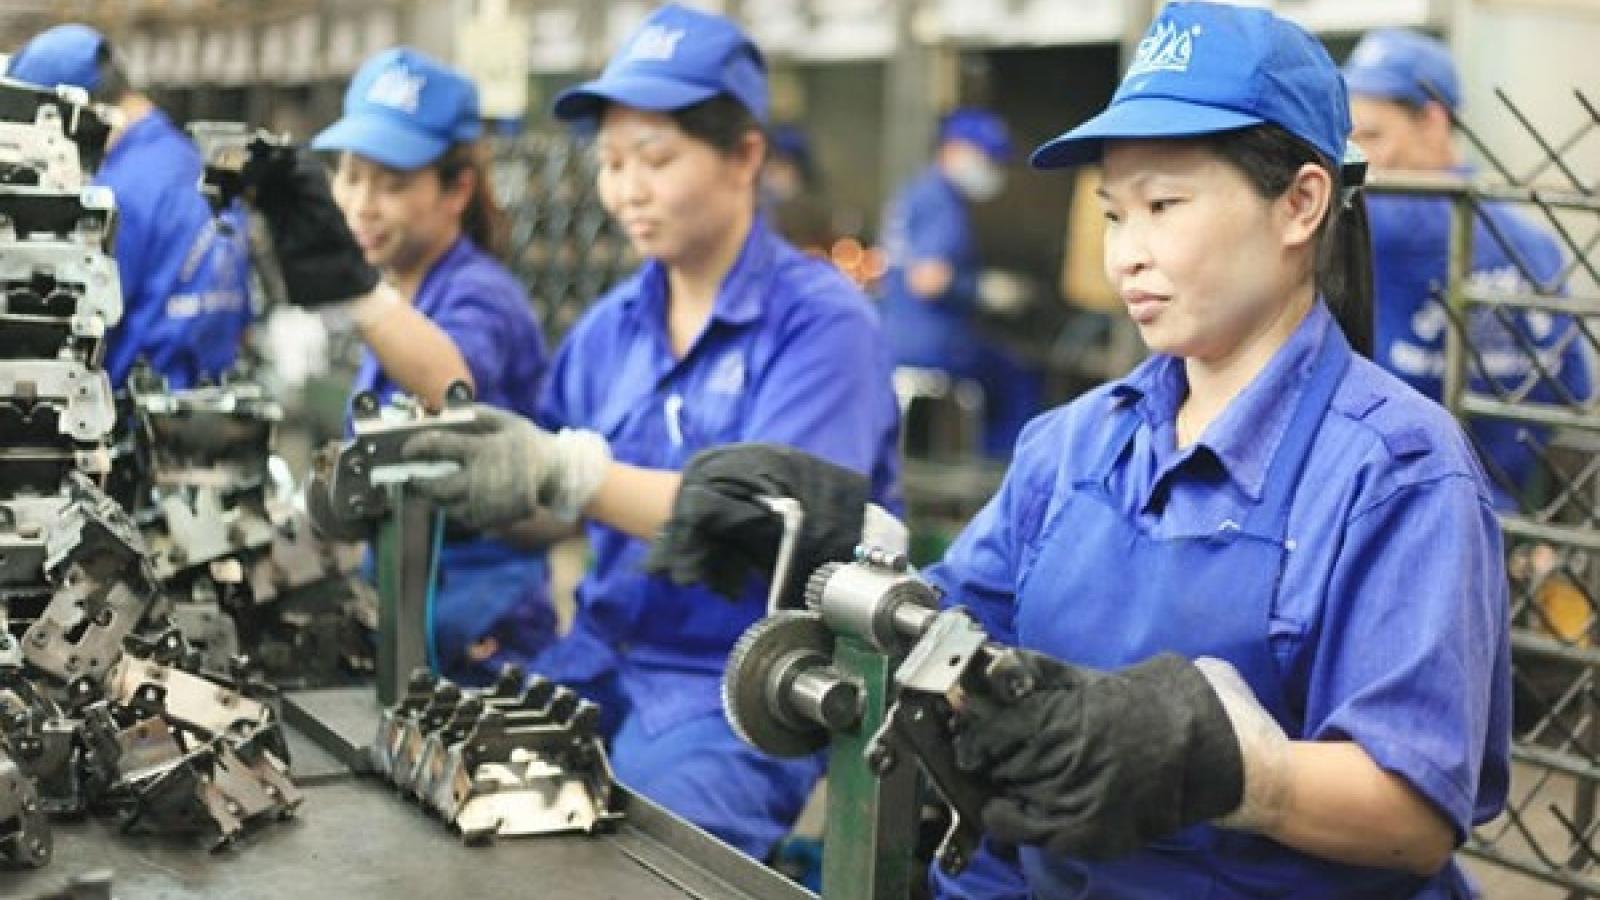 Luật mới, người lao động được đơn phương chấm dứt hợp đồng khi nào?